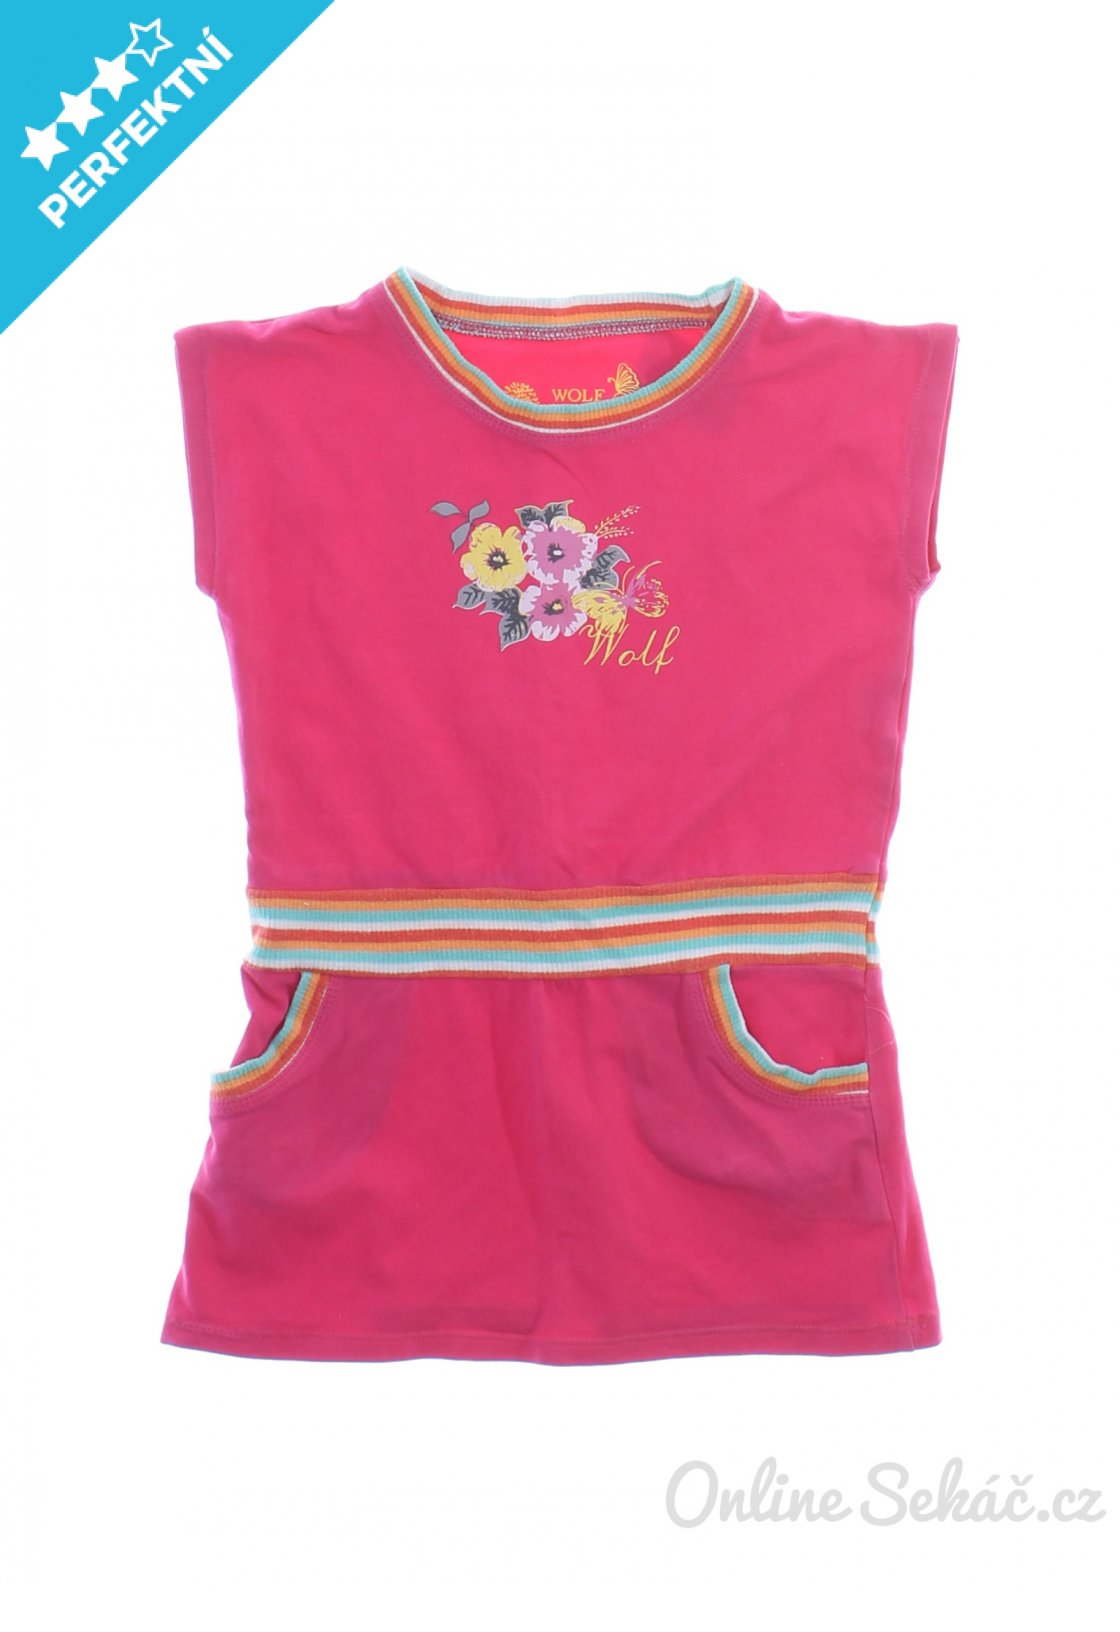 Dětské šaty se zdobením WOLF 104 08d785ce39